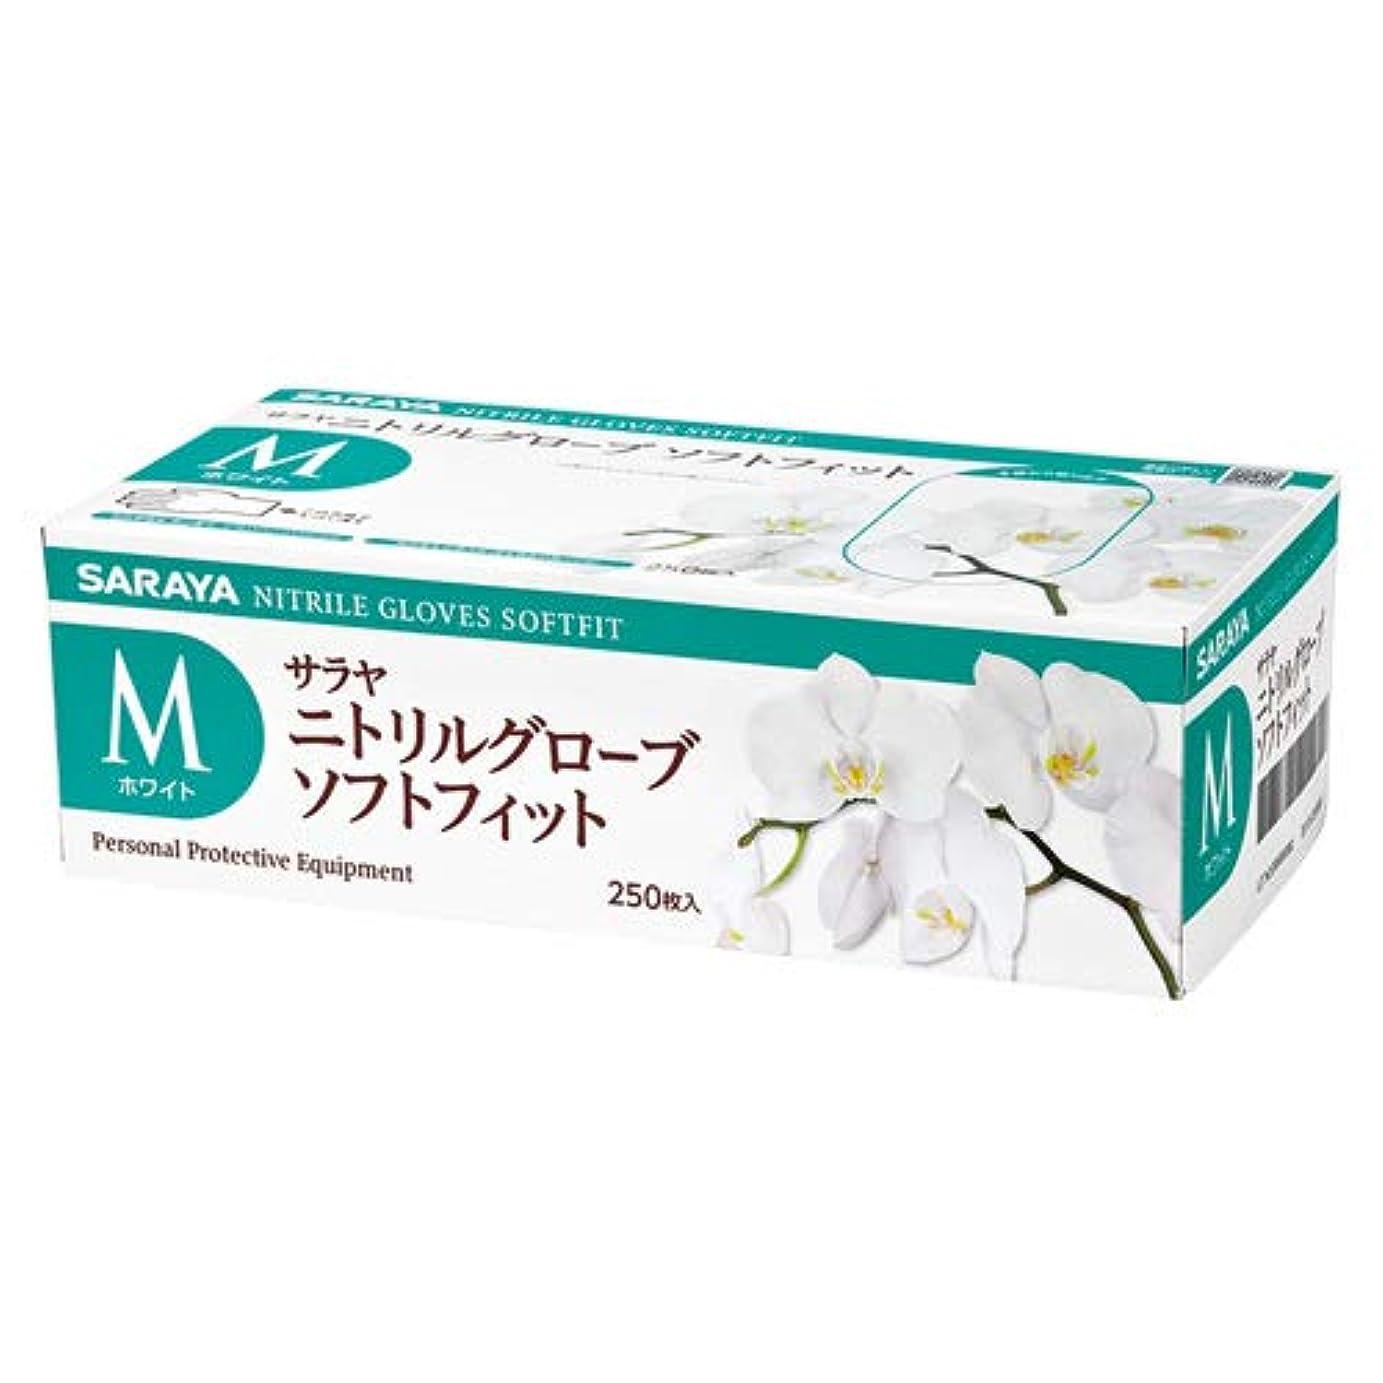 麦芽数学どうやってサラヤ 使い捨て手袋 ニトリルグローブ ソフトフィット M ホワイト 250枚